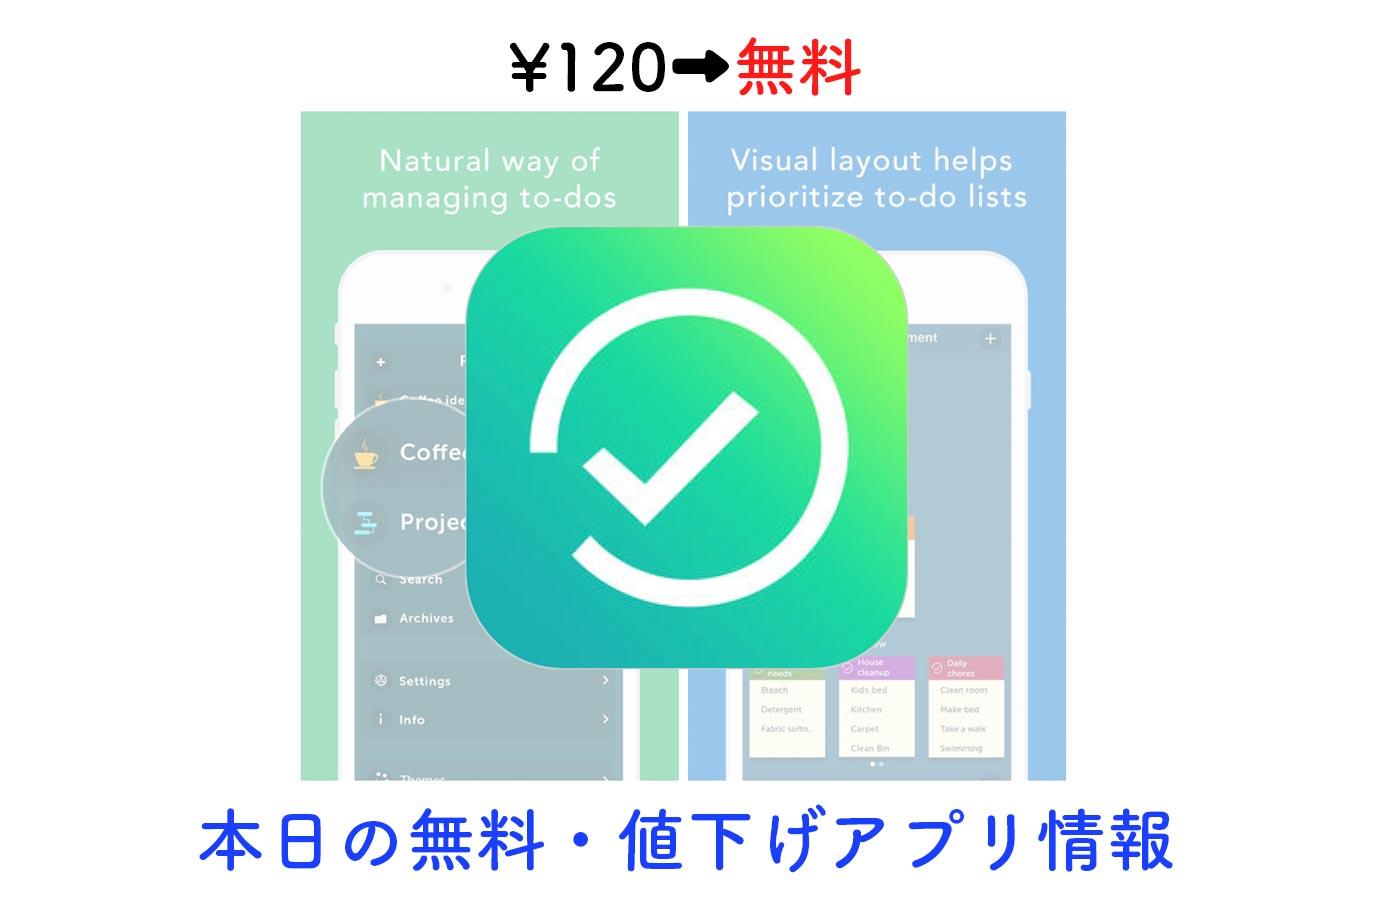 ¥120→無料、付箋のようなデザインで見やすいTodoリスト「Orderly」など【12/12】本日の無料・値下げアプリ情報